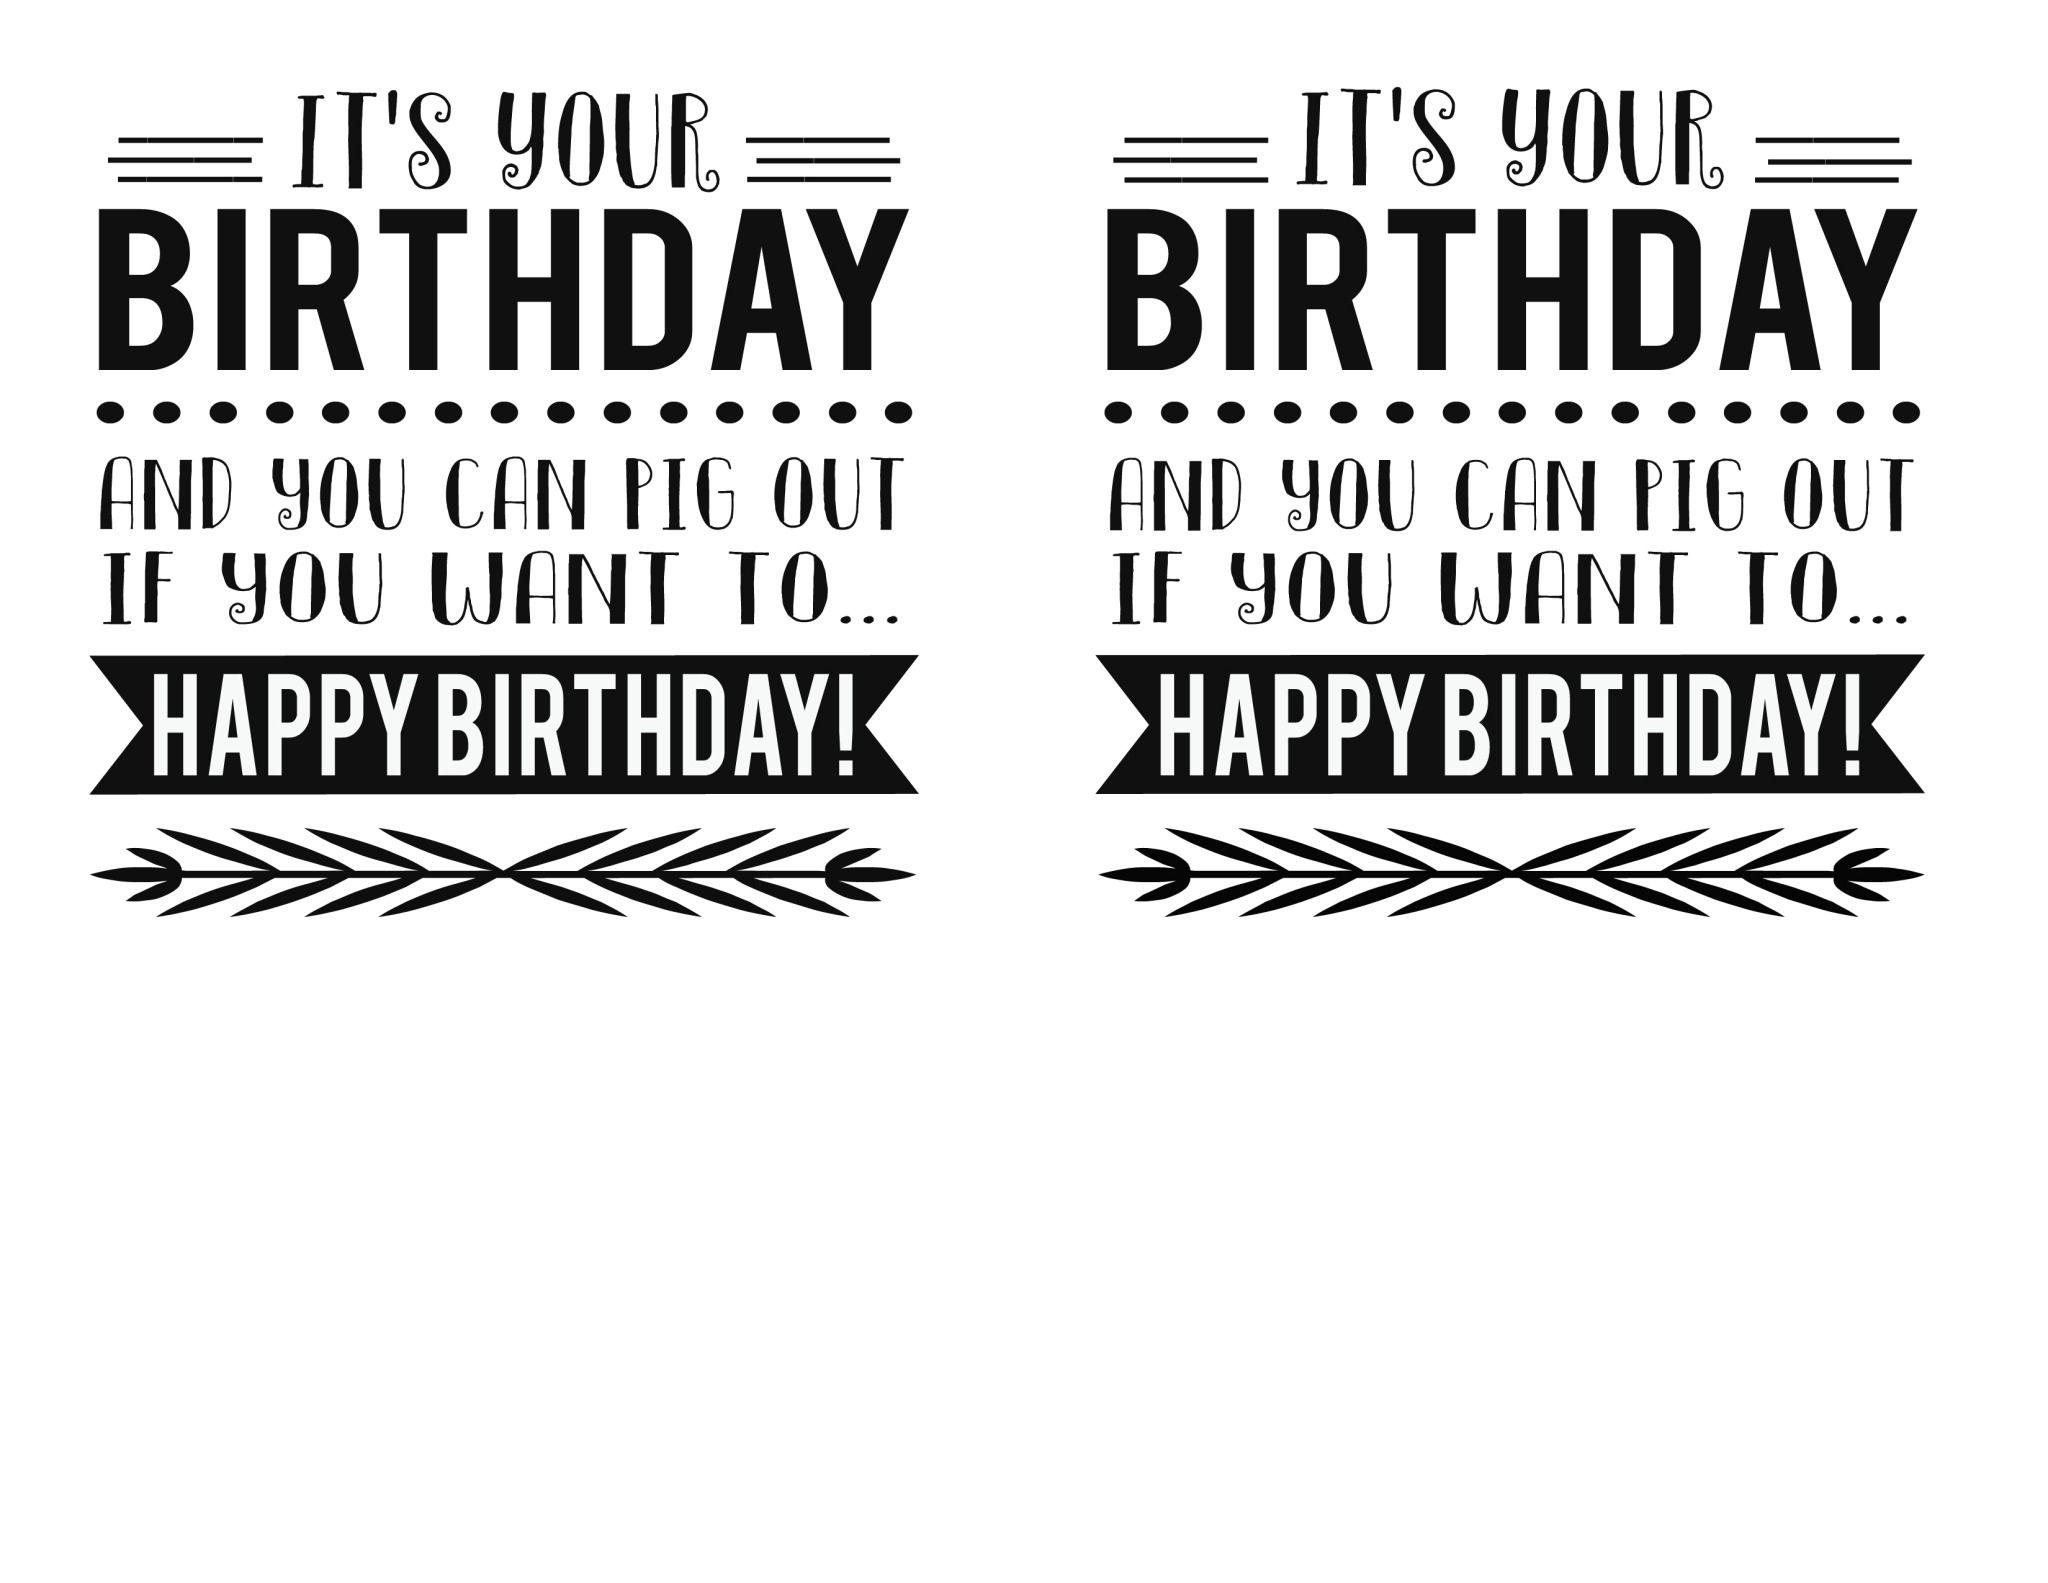 it's your birthday black.jpg - Fichier partagé depuis Box